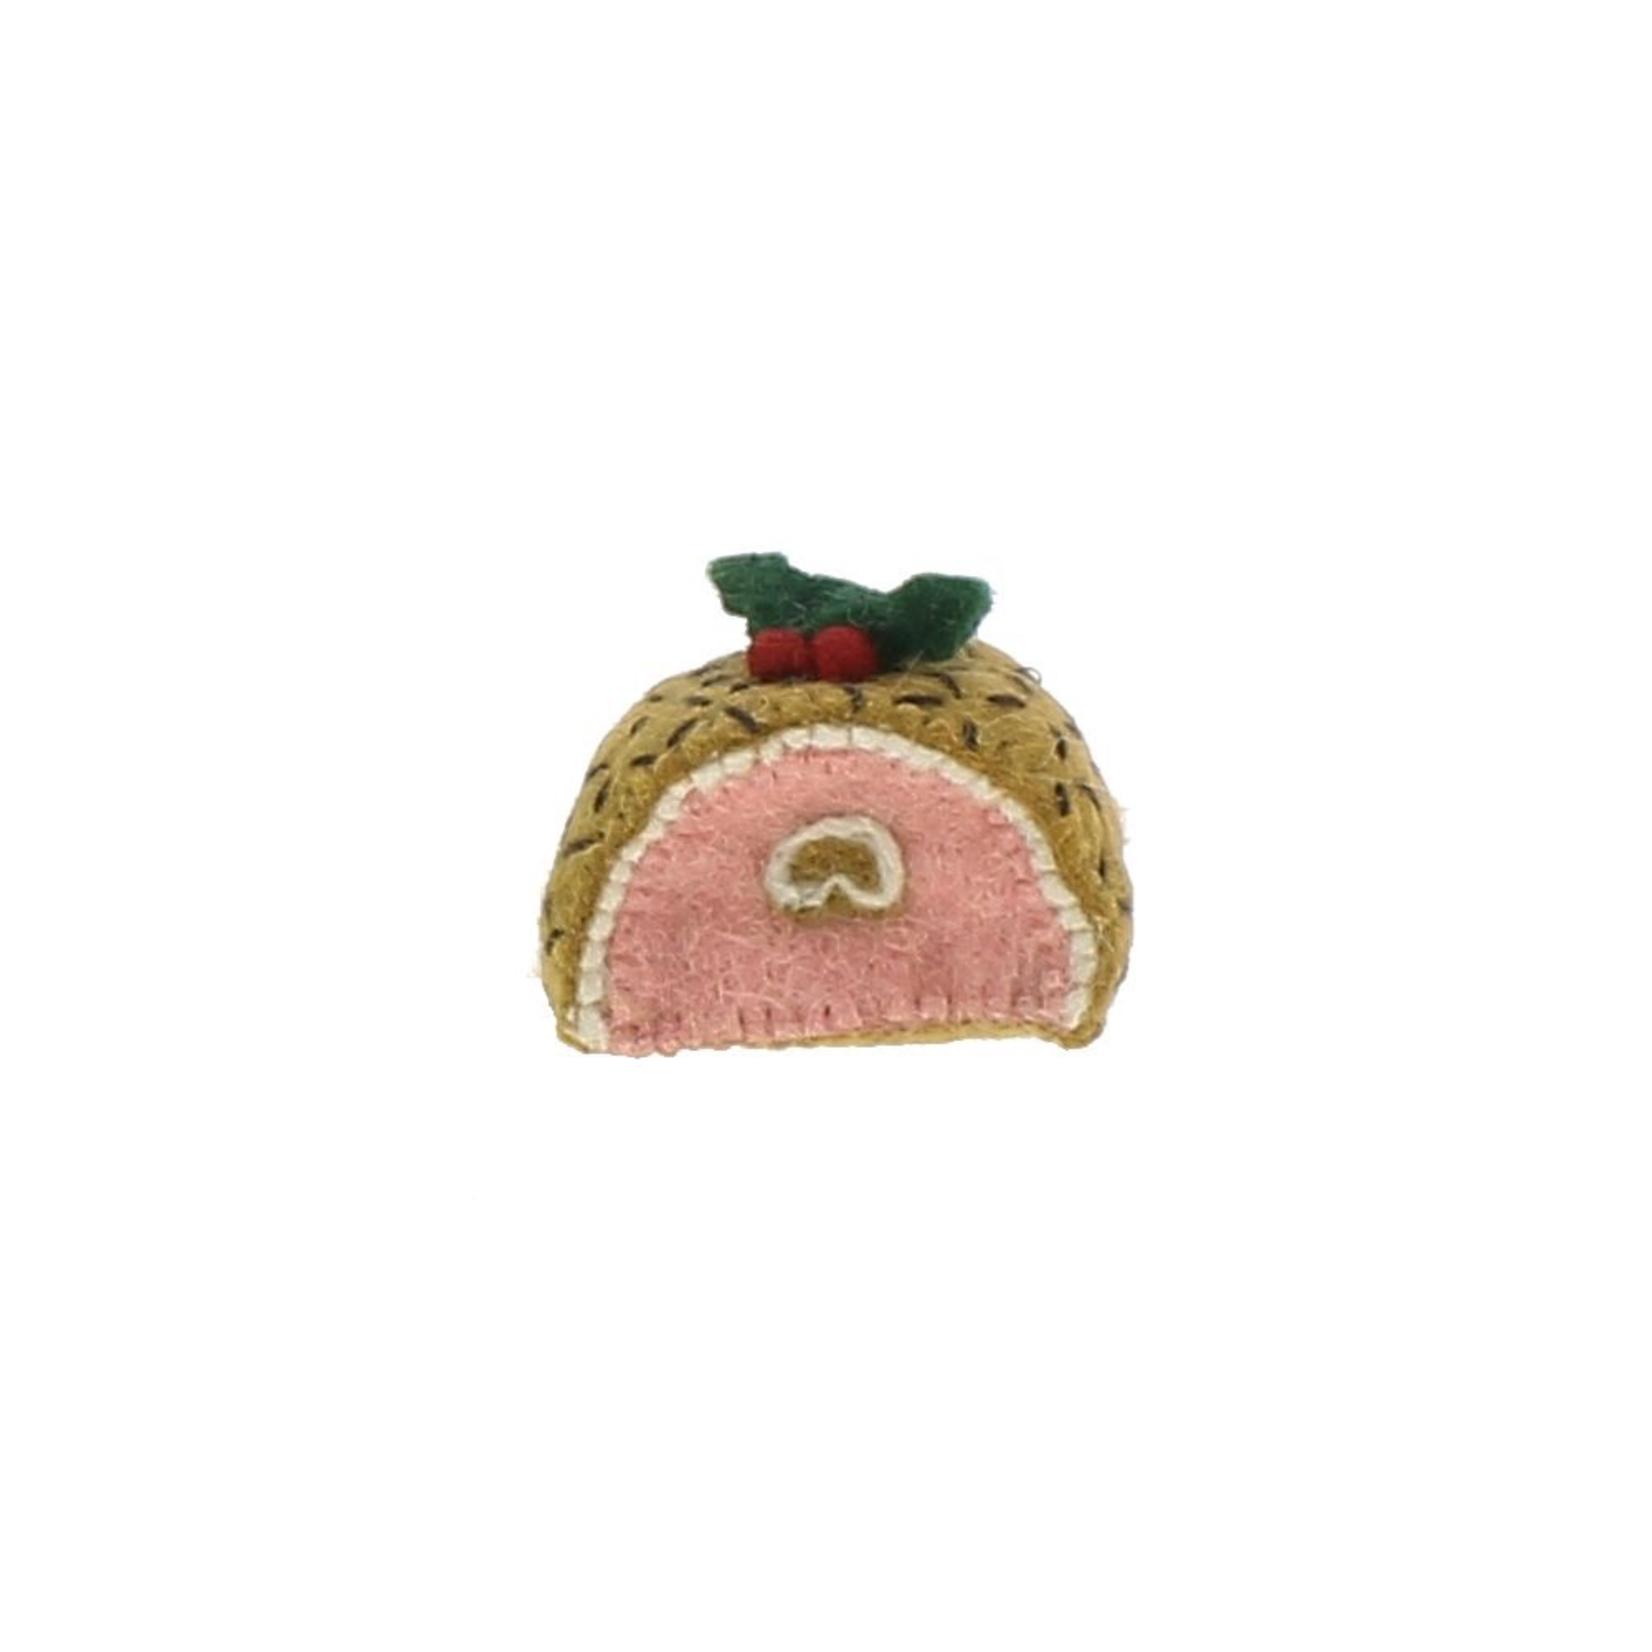 Fiona Walker Fiona Walker Christmas 2017 Lunch Decorations (E) Sliced Christmas Ham